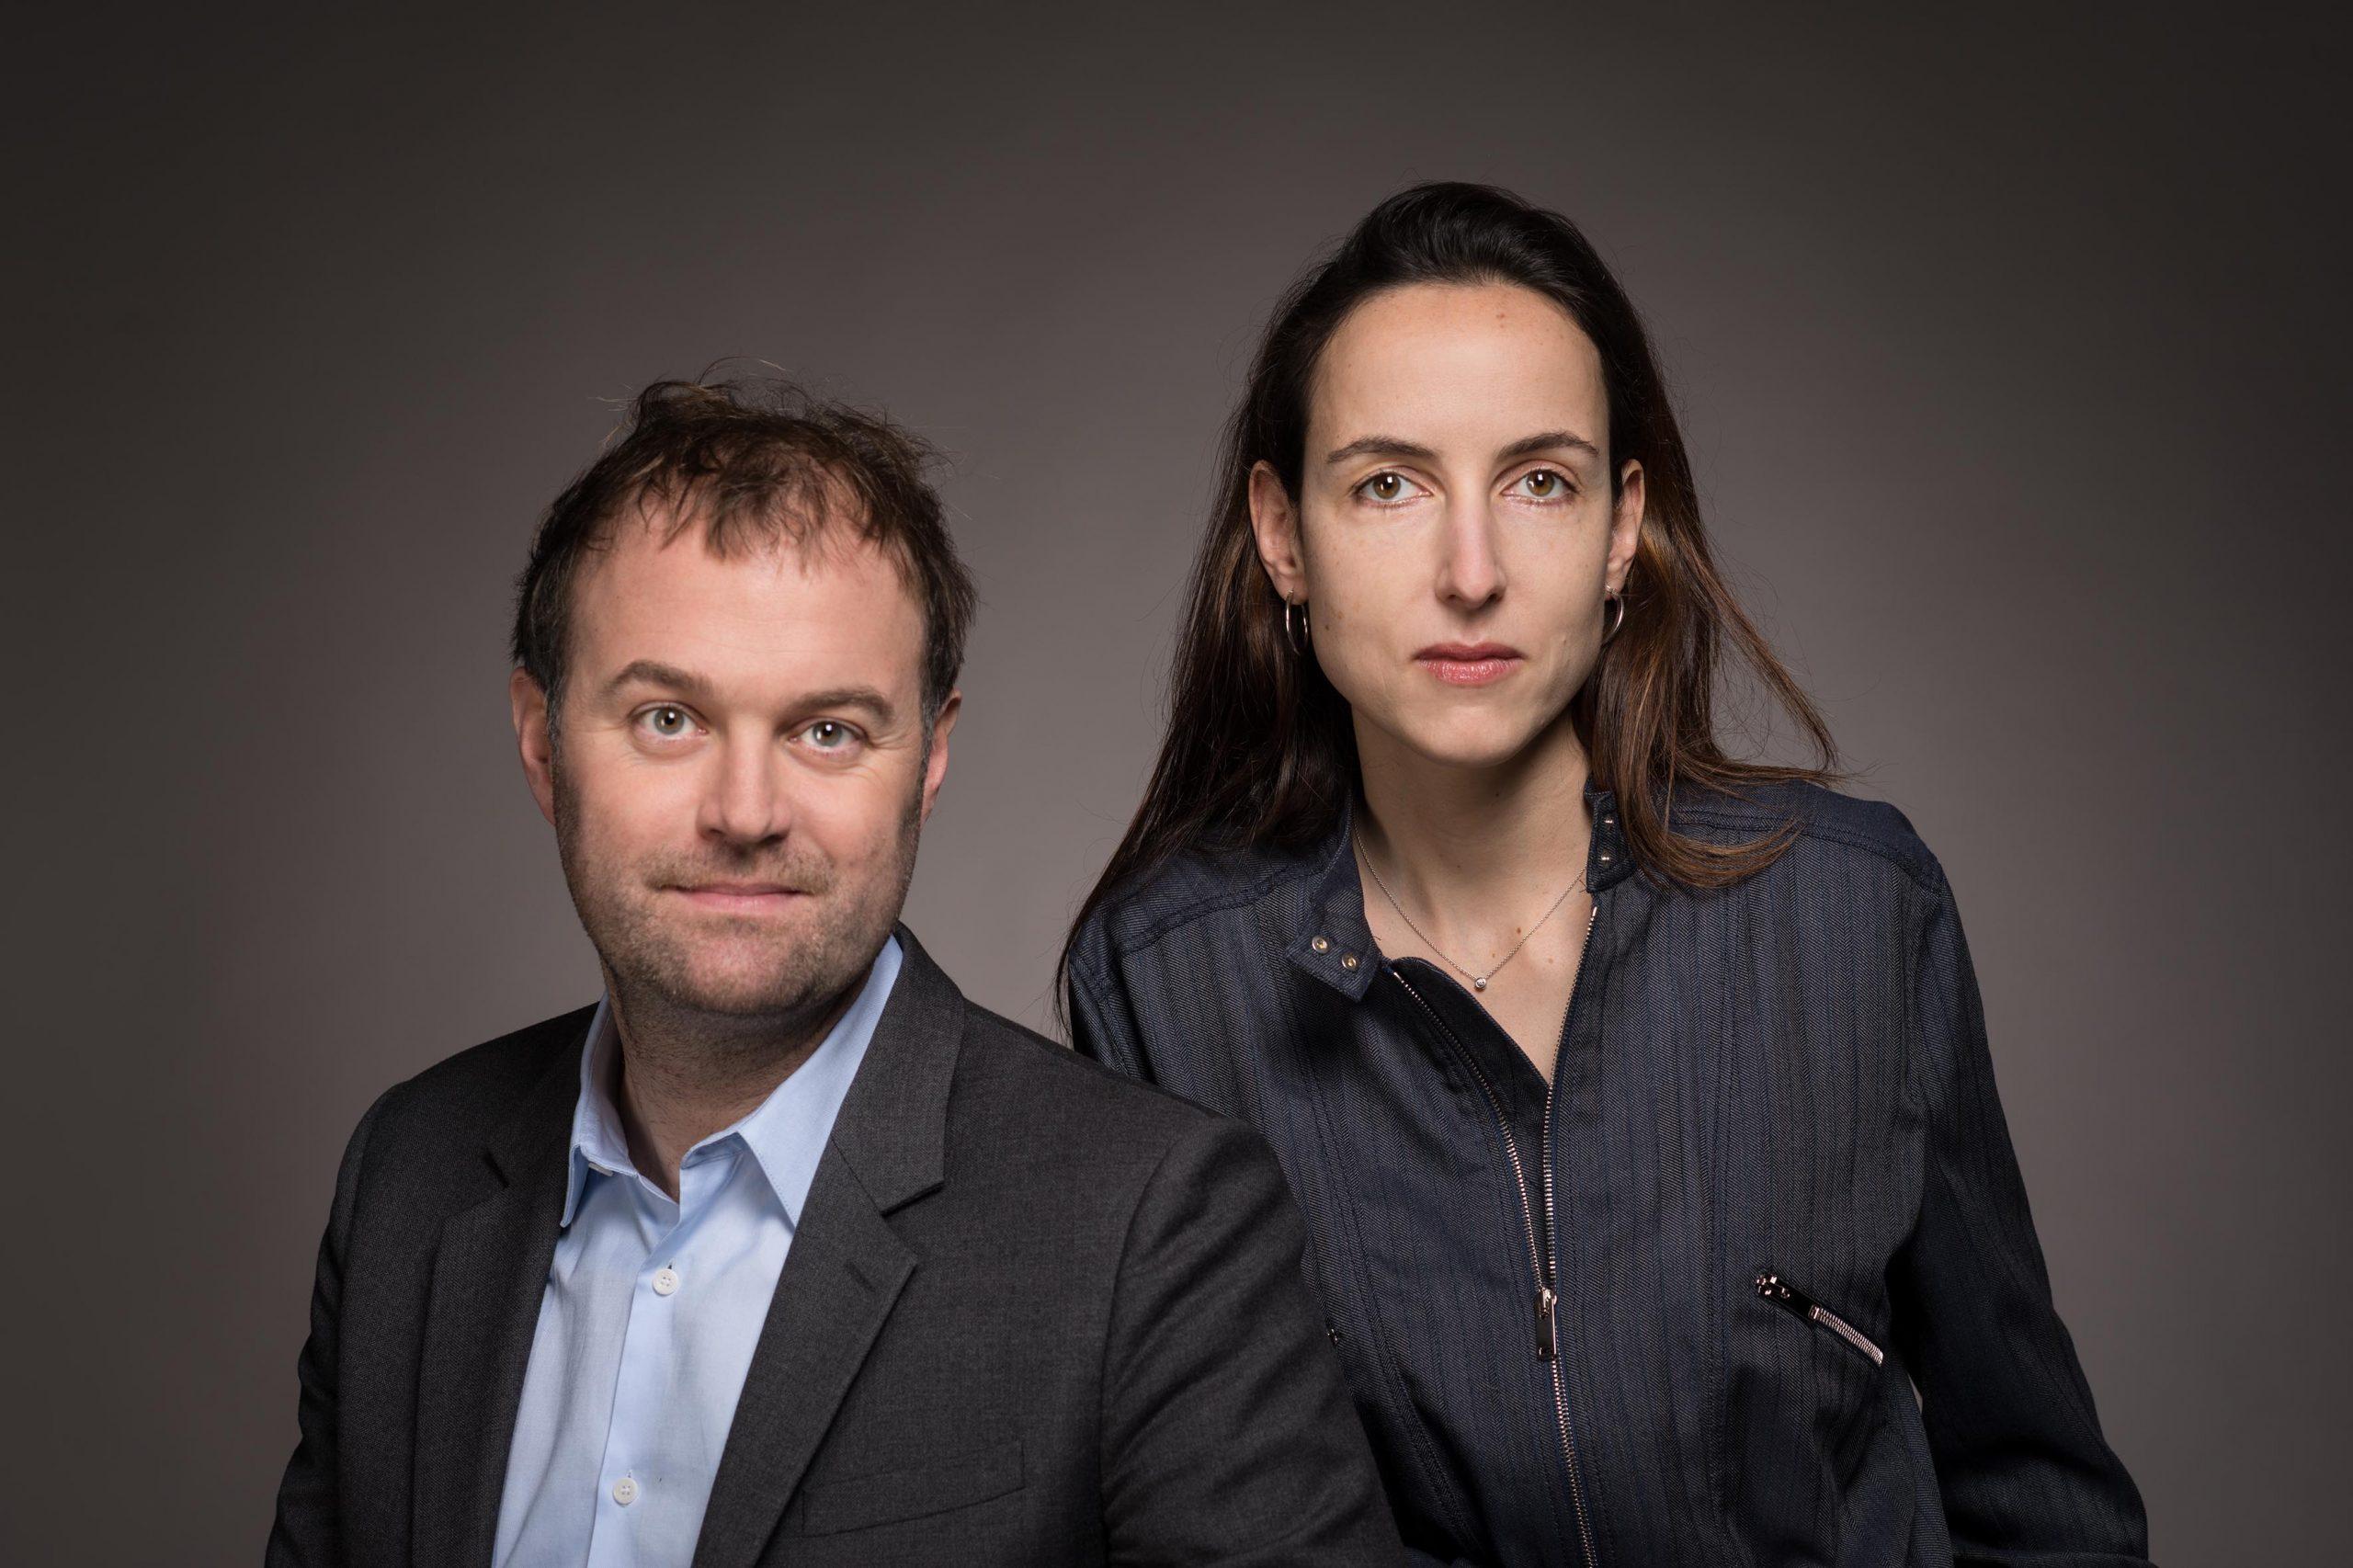 Propriété des médias : et si on tentait la cogestion ? Le 26 mai, grand débat CFDT-Journalistes avec Julia Cagé et Benoît Huet